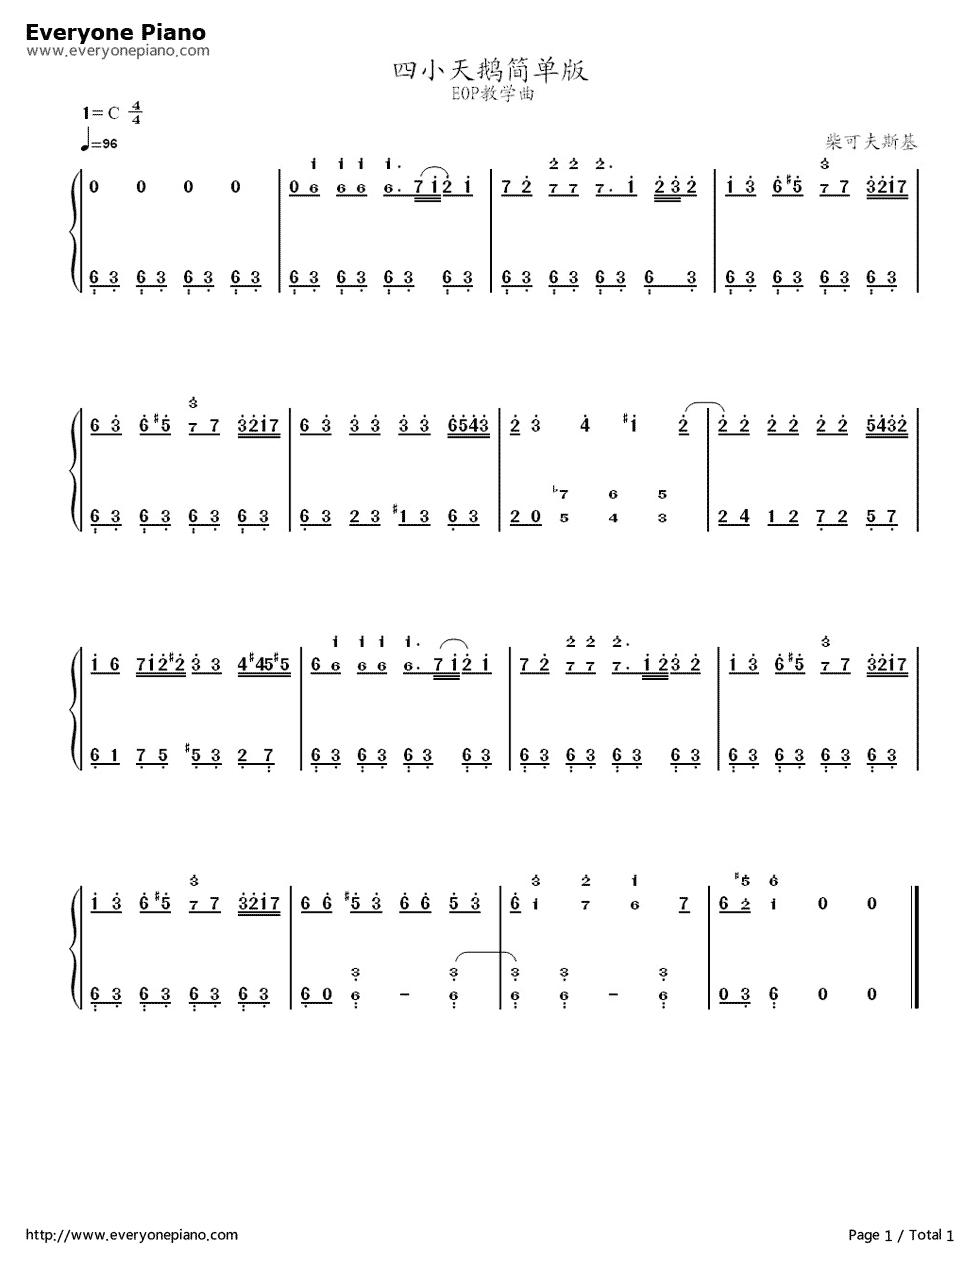 钢琴曲谱 经典 四小天鹅舞曲-四小天鹅-简单版-eop魔鬼训练营练习曲